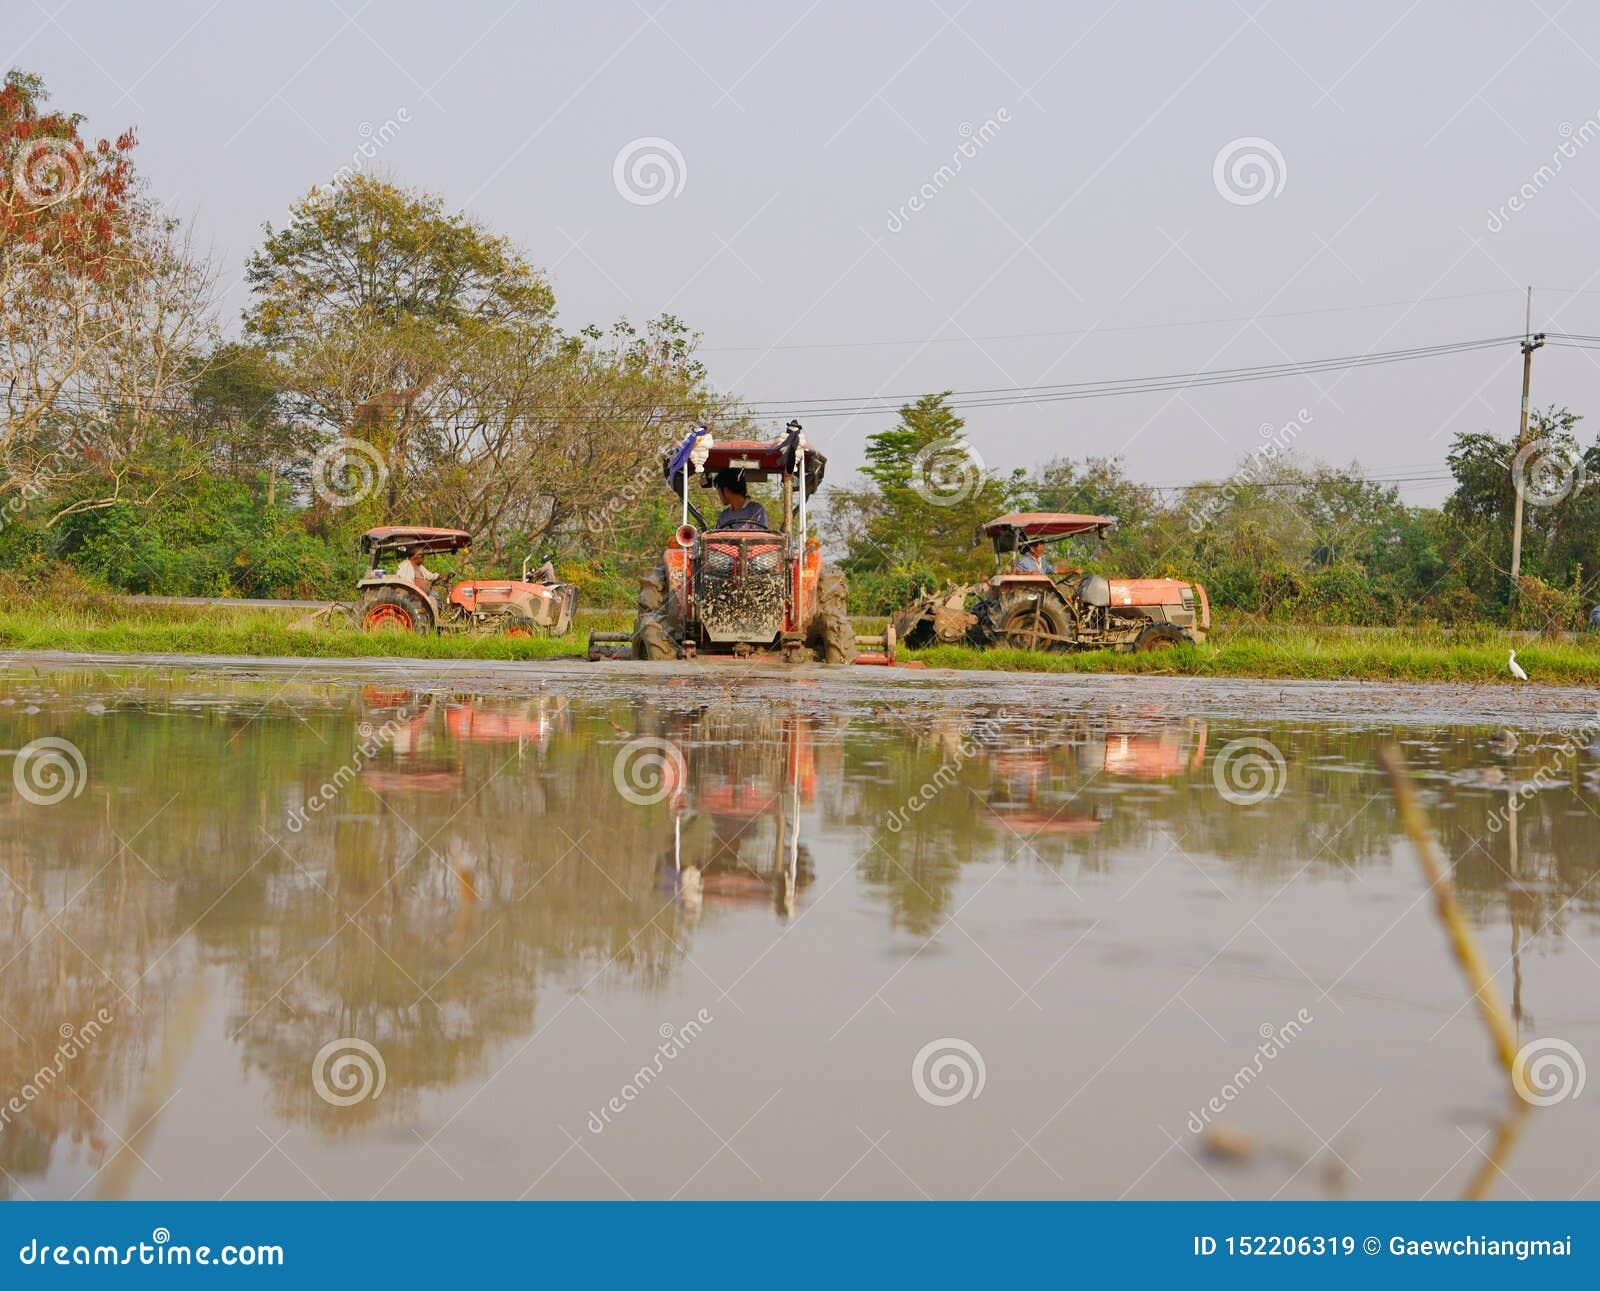 Bagni/suolo sommerso/fangoso in una risaia che è arata dall trattori nel pomeriggio caldo in una zona rurale in Tailandia